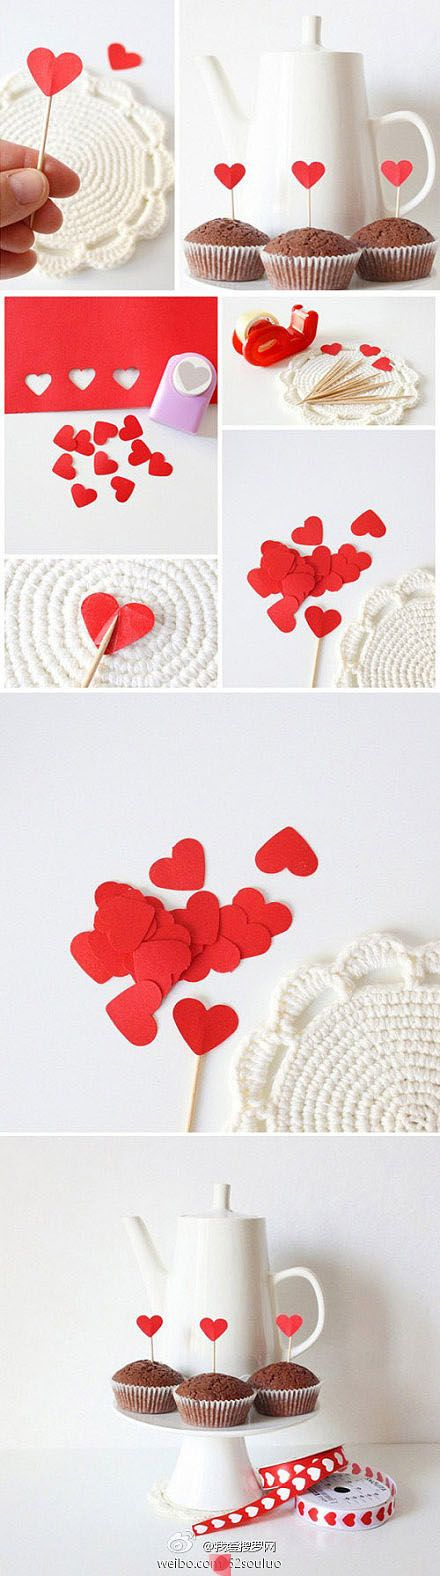 Decoração para bolo ou cupcake com coração para o dia dos namorados: